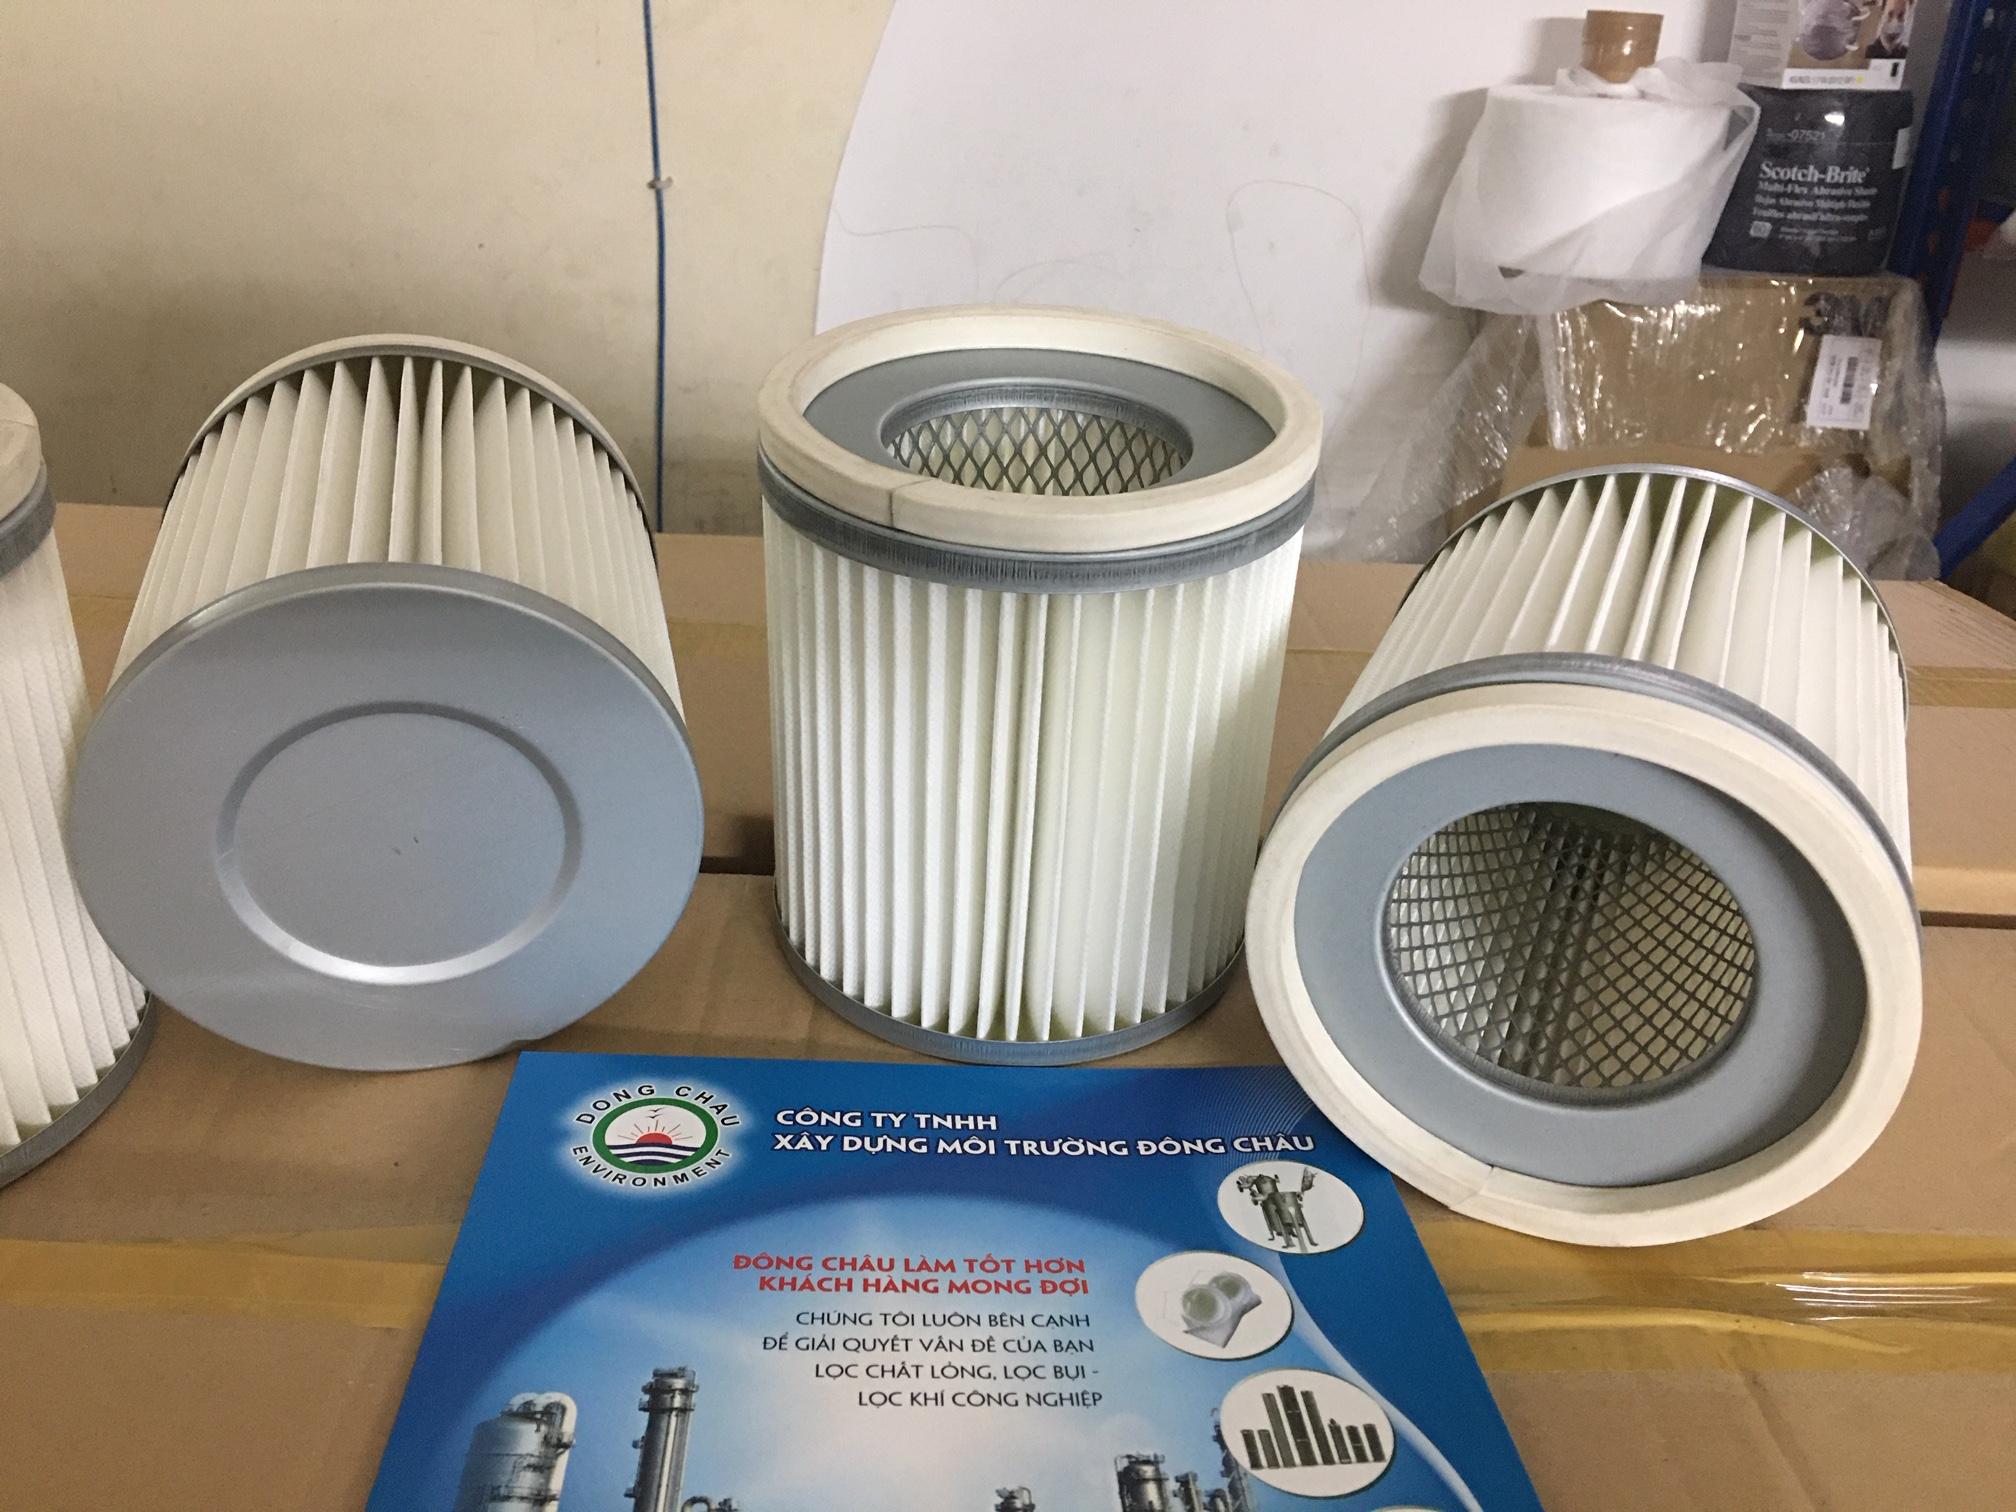 Chất liệu PE chịu được độ ẩm cao áp lực lớn và nhiệt độ cao và dược tái sử dụng lại nhiều lần sau khi vệ sinh